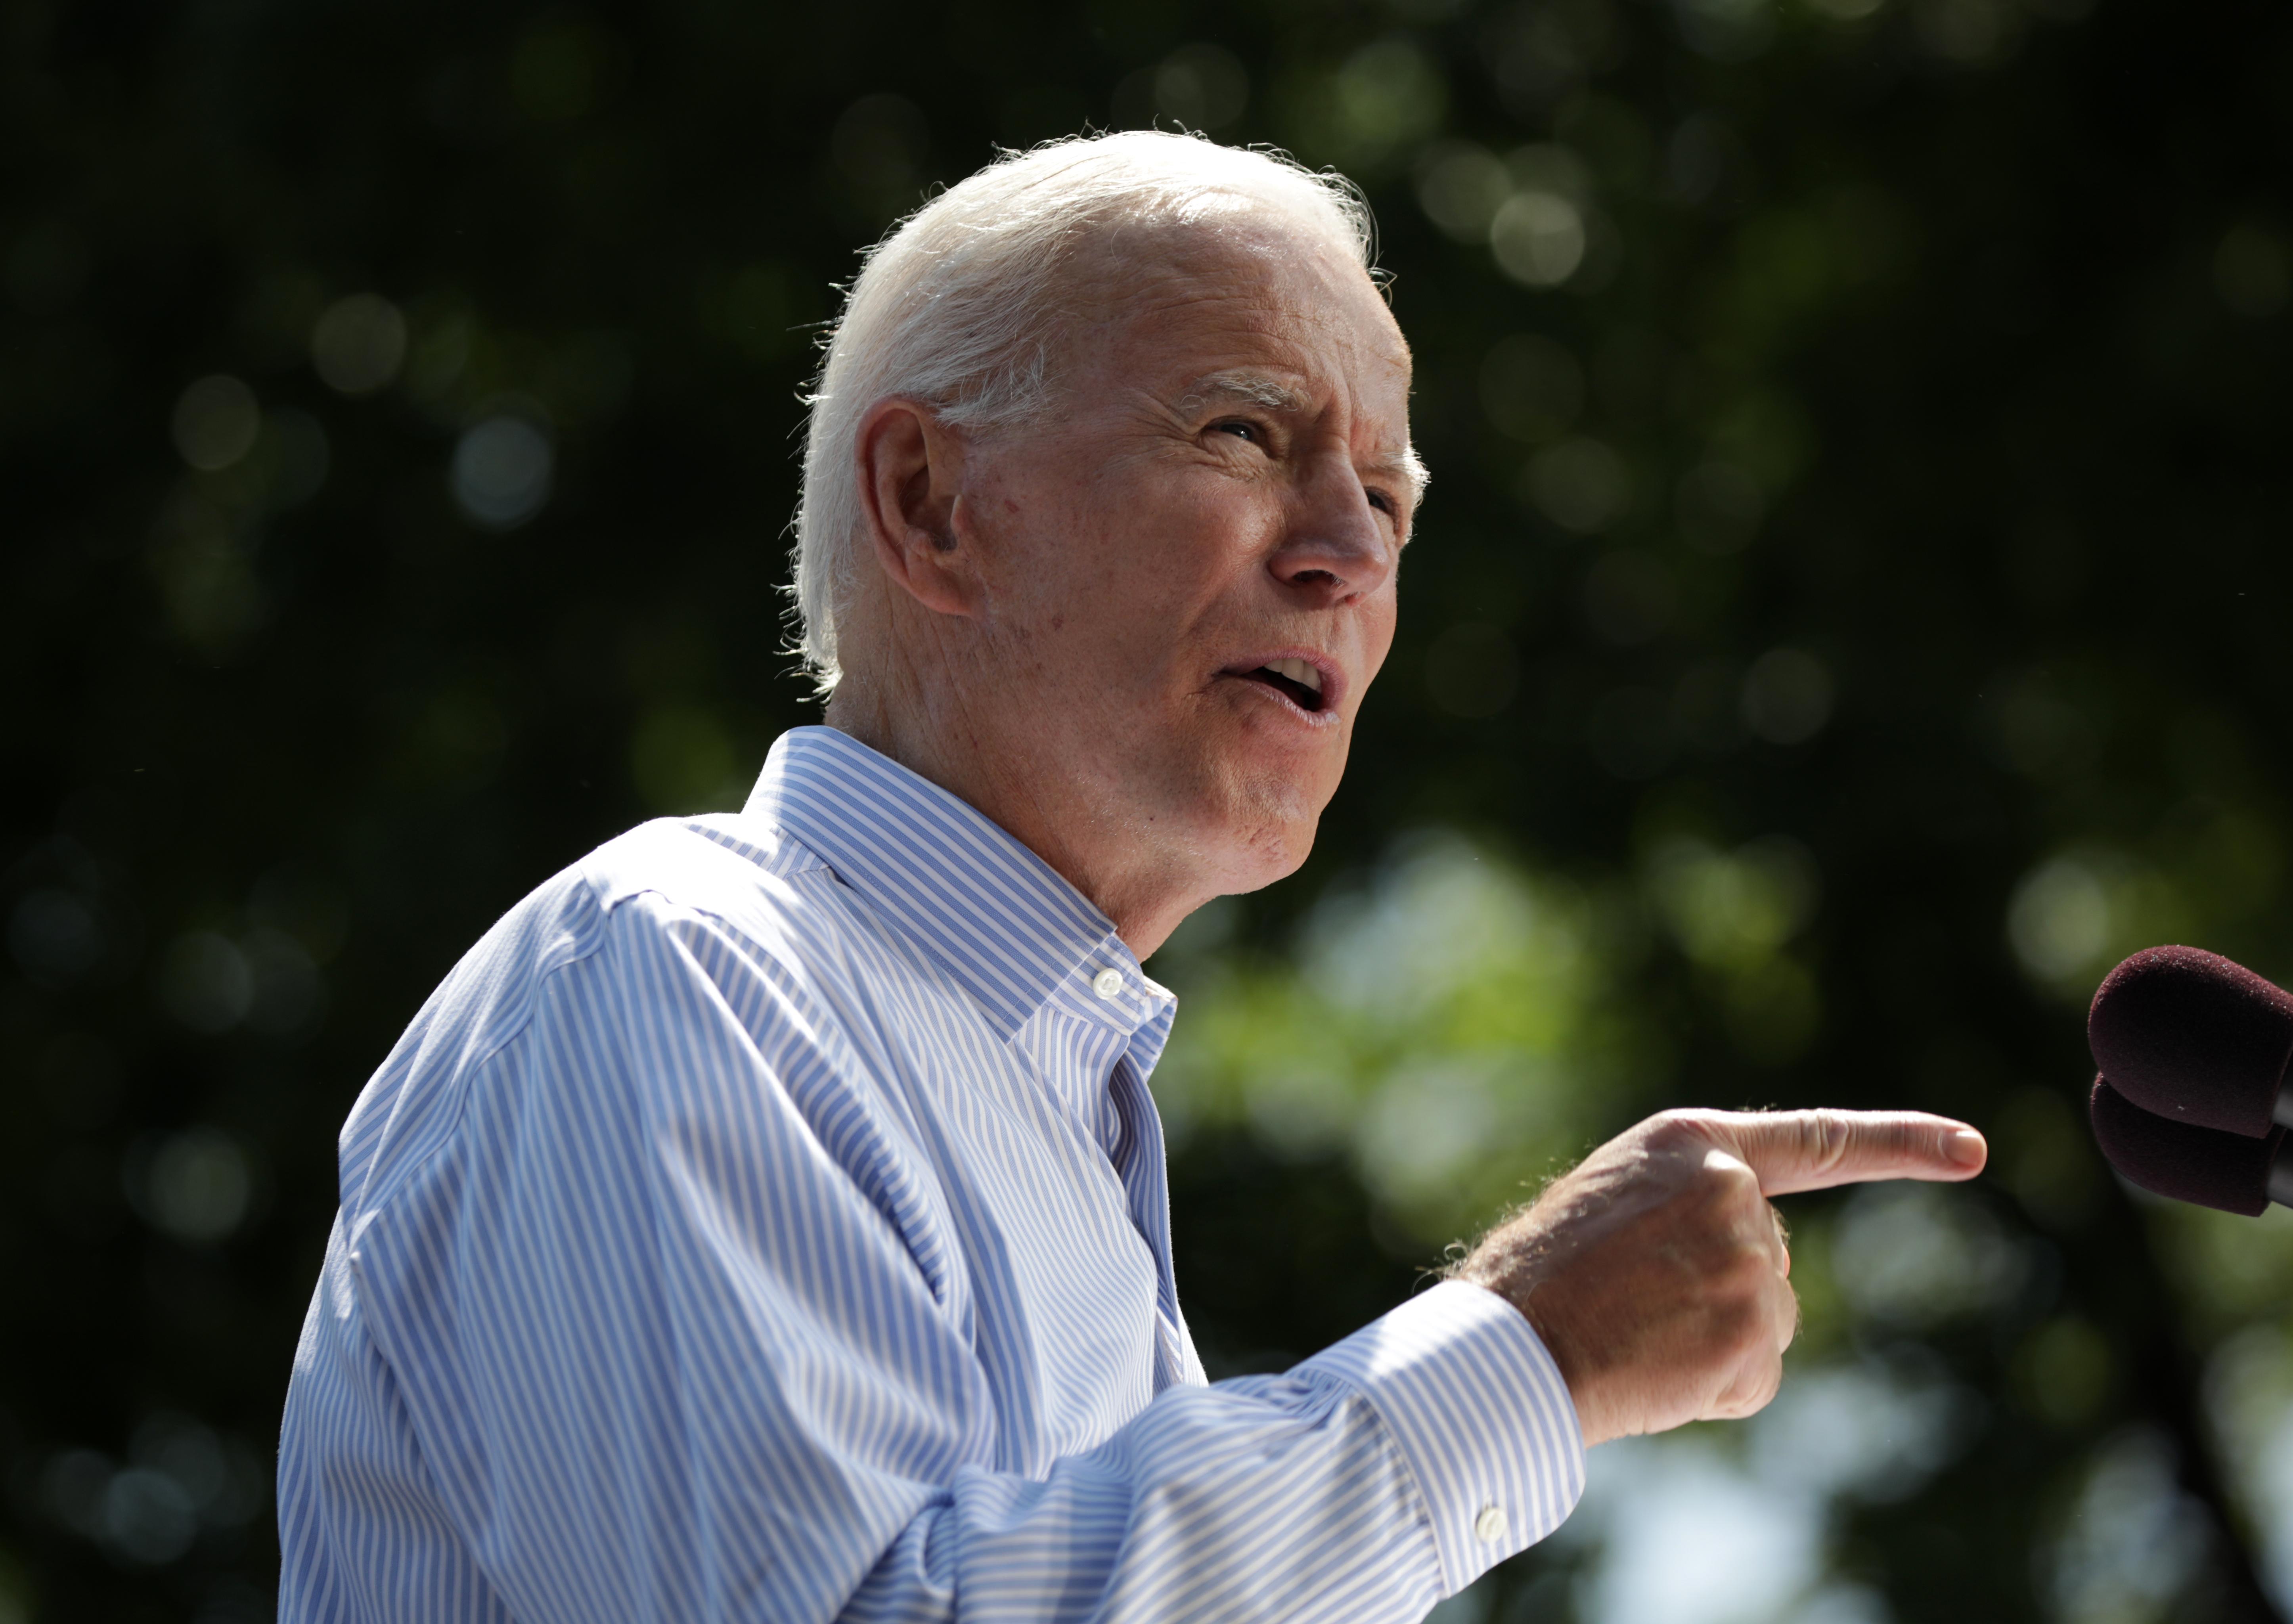 27 évvel ezelőtti szexuális erőszak vádja robbant rá Joe Biden kampányára